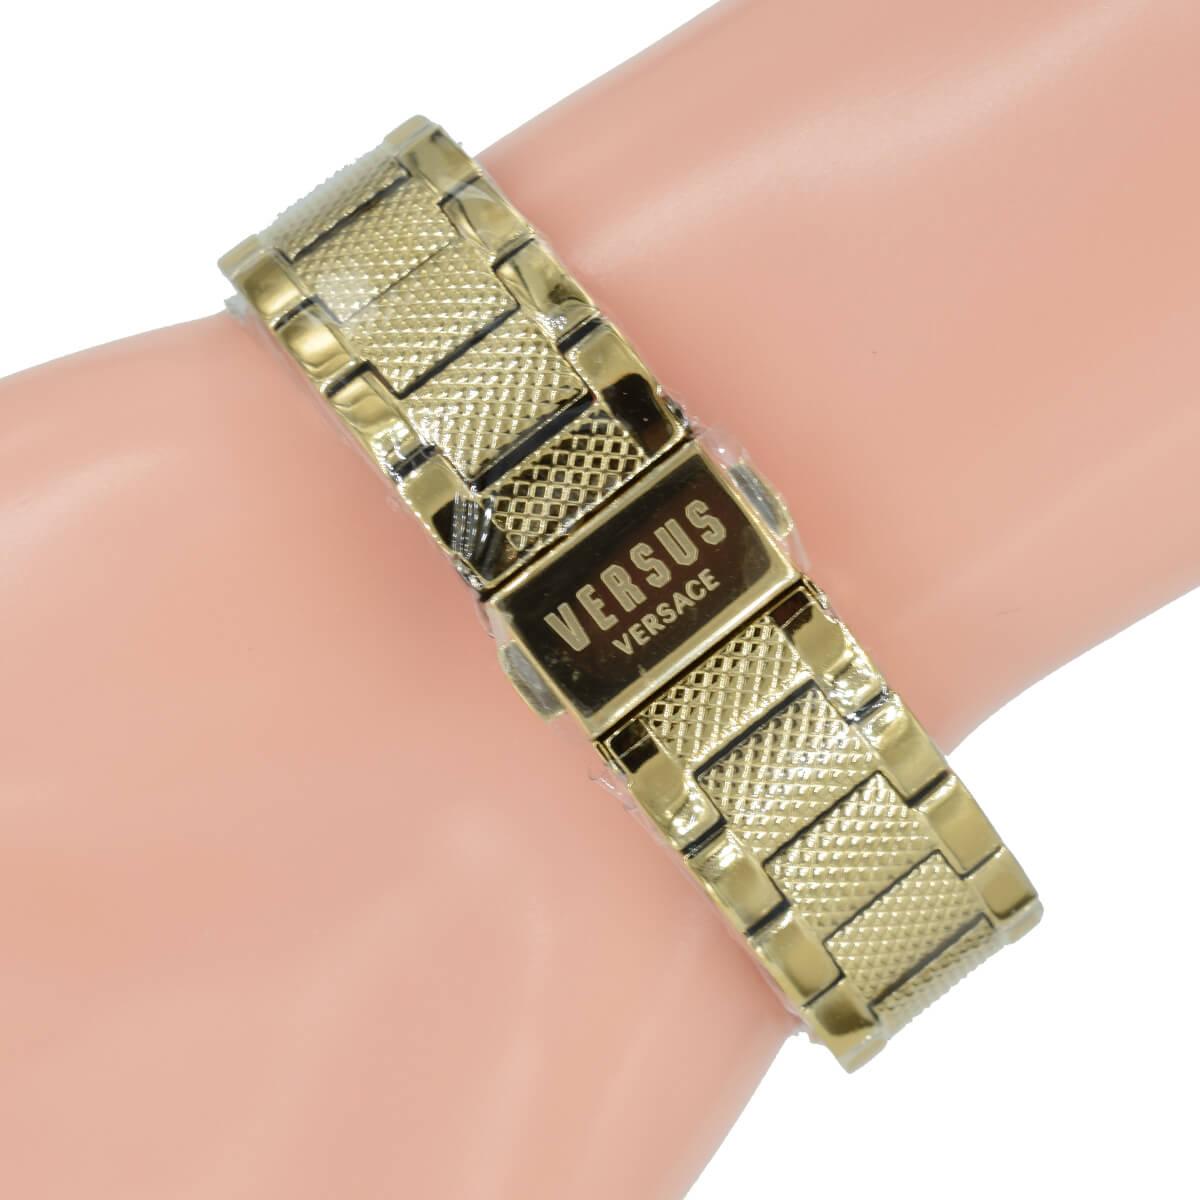 günstigen preis genießen billig zu verkaufen Outlet-Store Versus Versace Damen Uhr VSP213518 3D Löwe Gold Farbe Armband